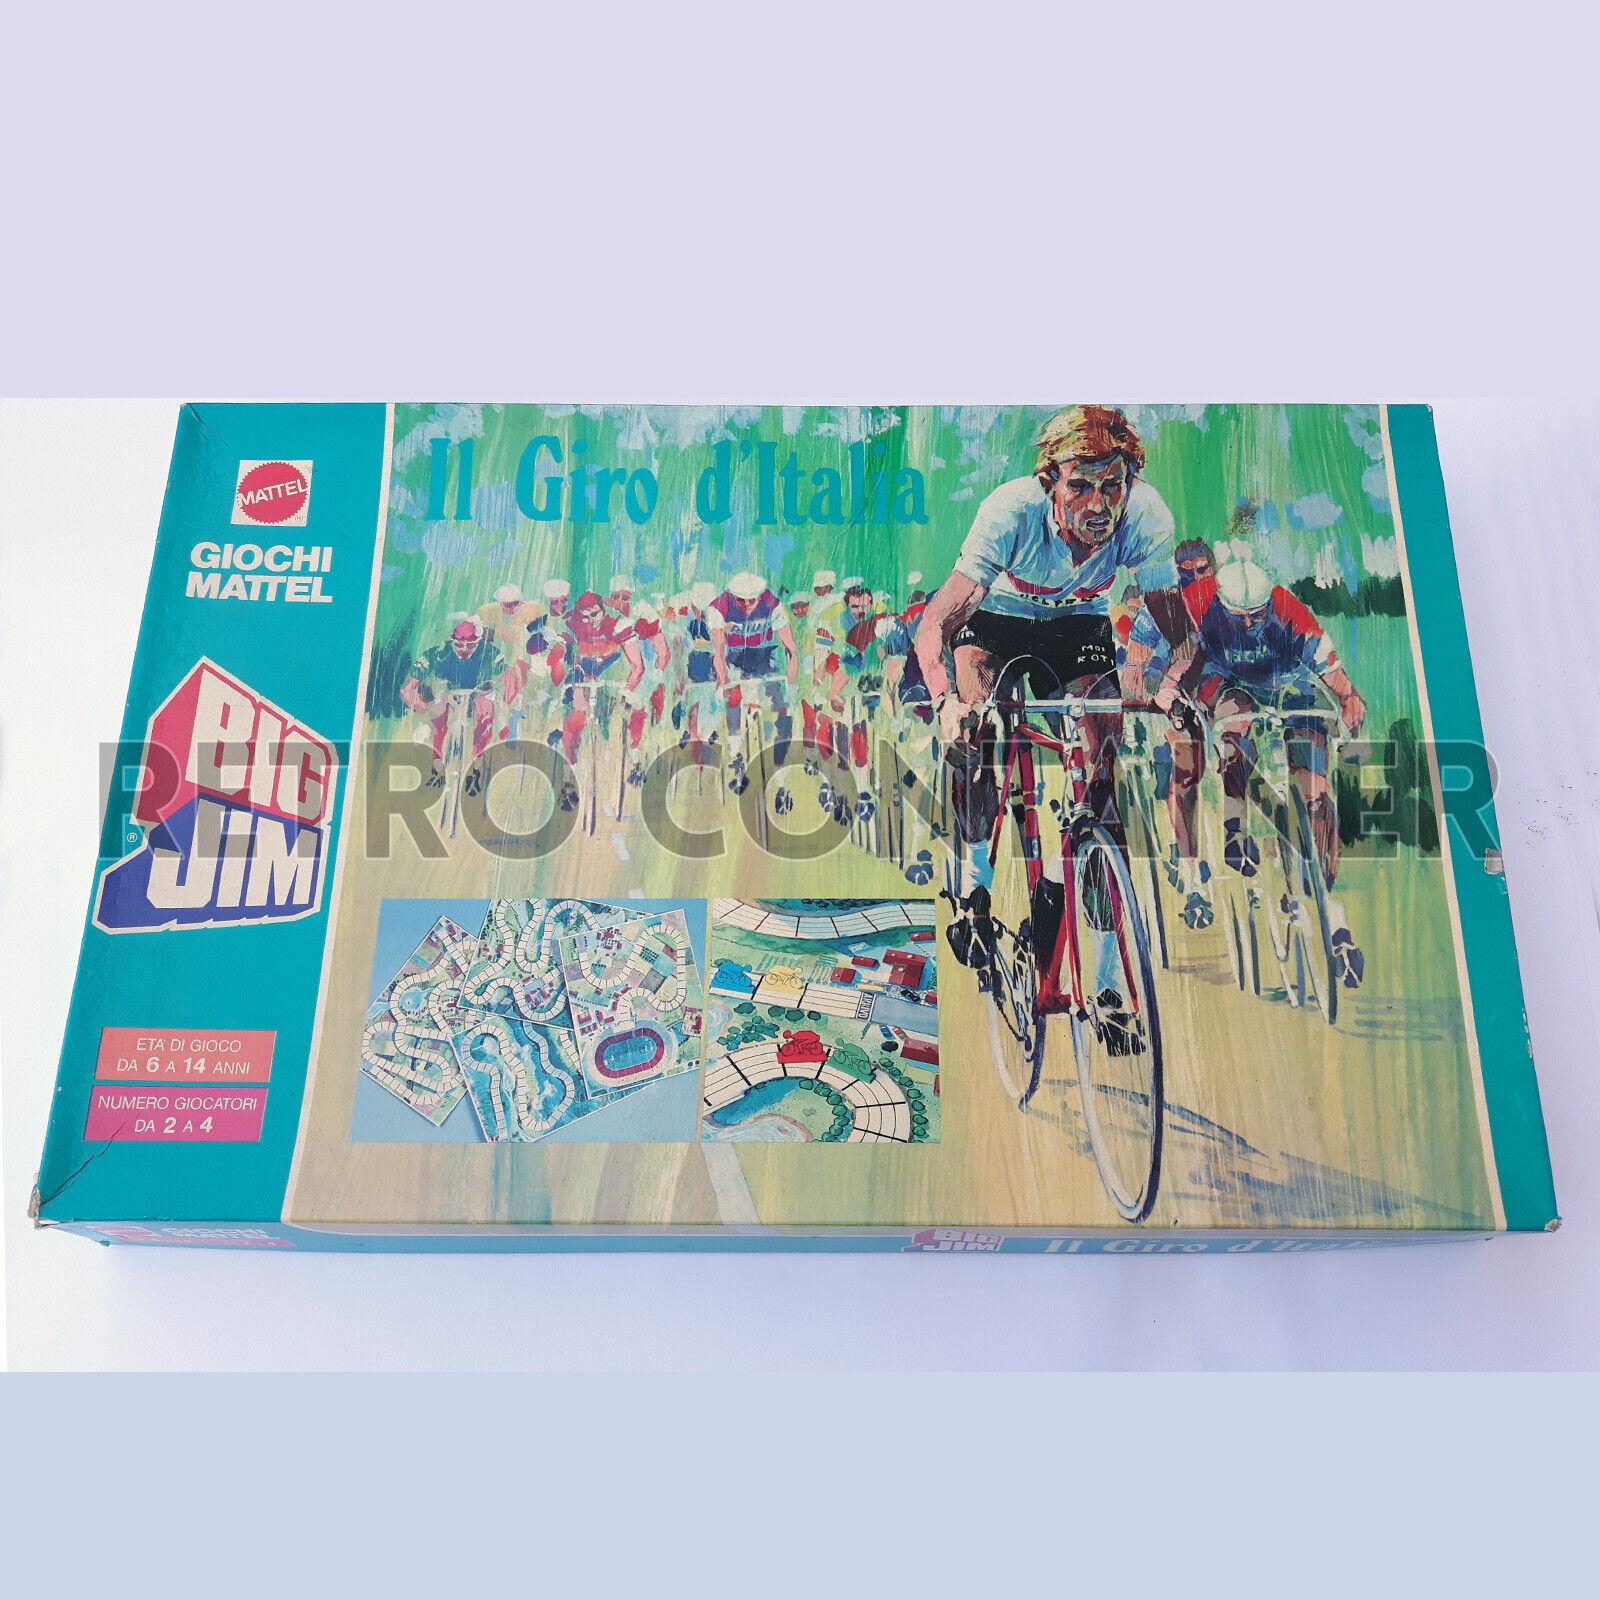 Vintage Board Game Mattel - BIG JIM - Il GIro d'Italia - Quasi Completo Ottimo